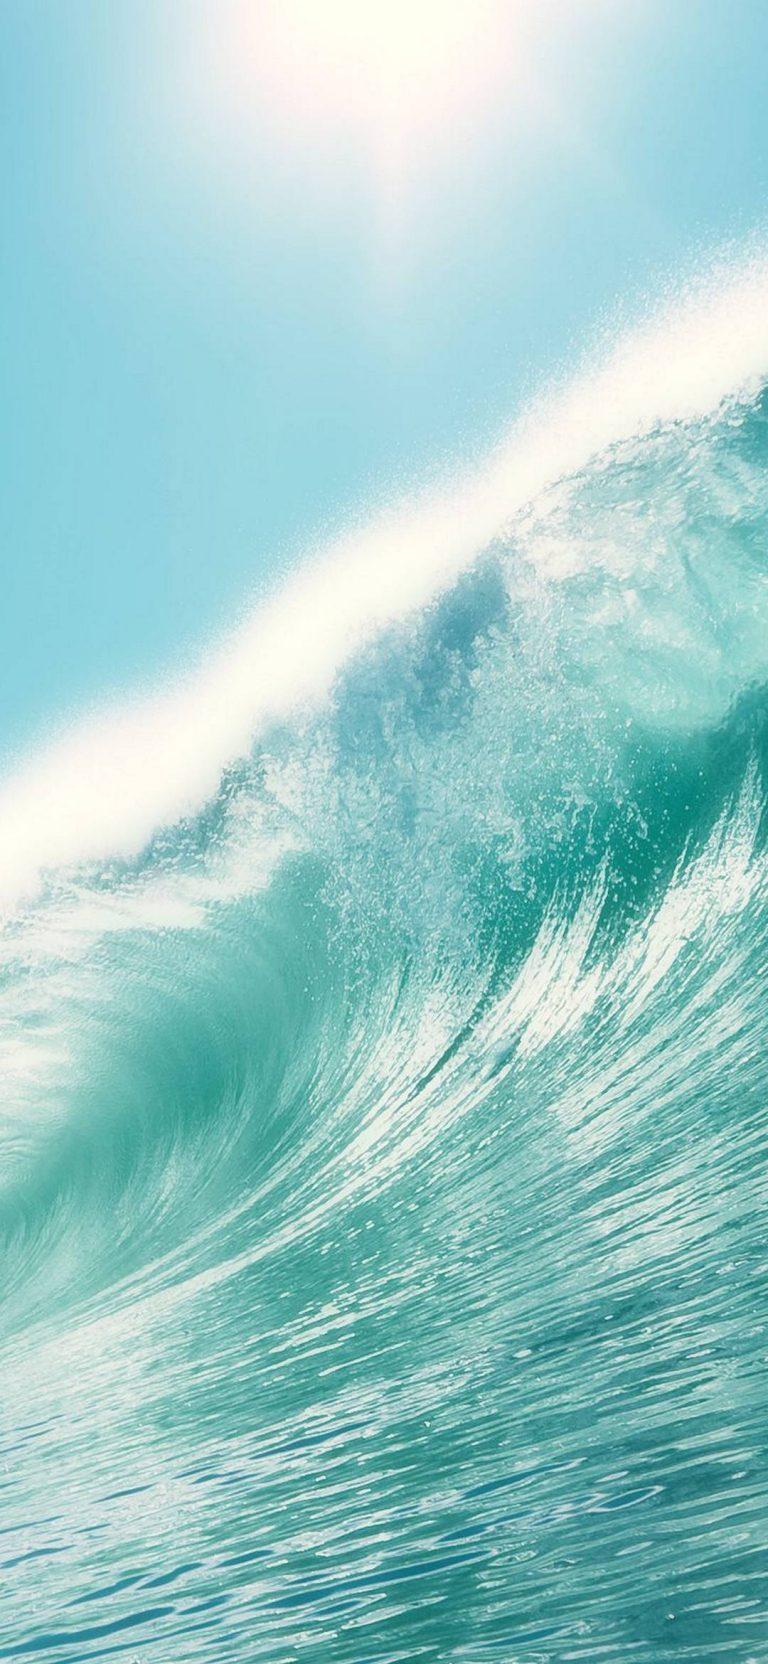 Sea Tide 1080x2340 768x1664